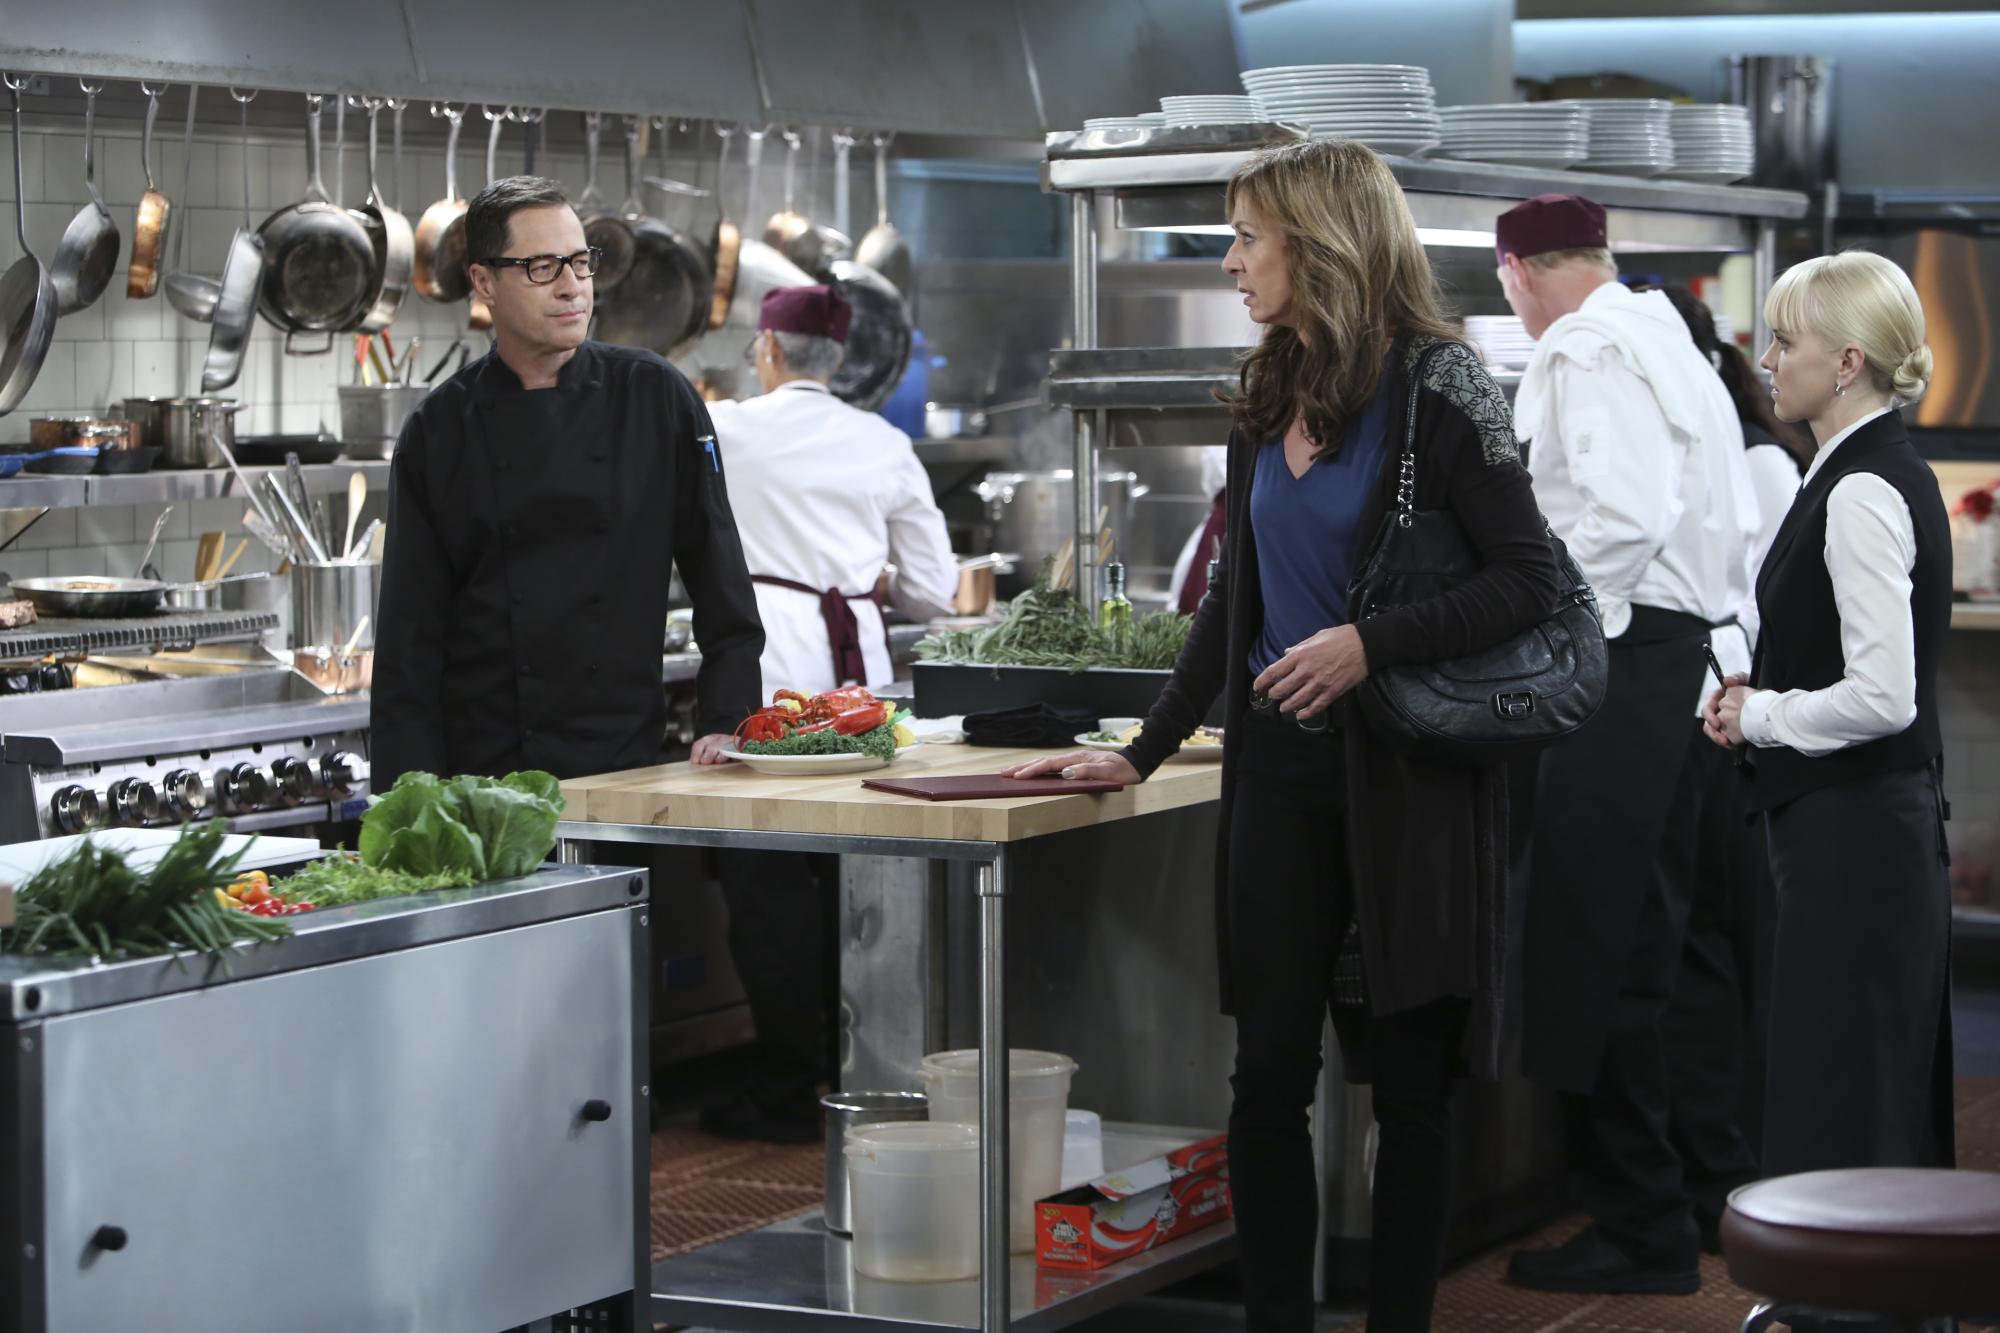 Bonnie's in the kitchen in